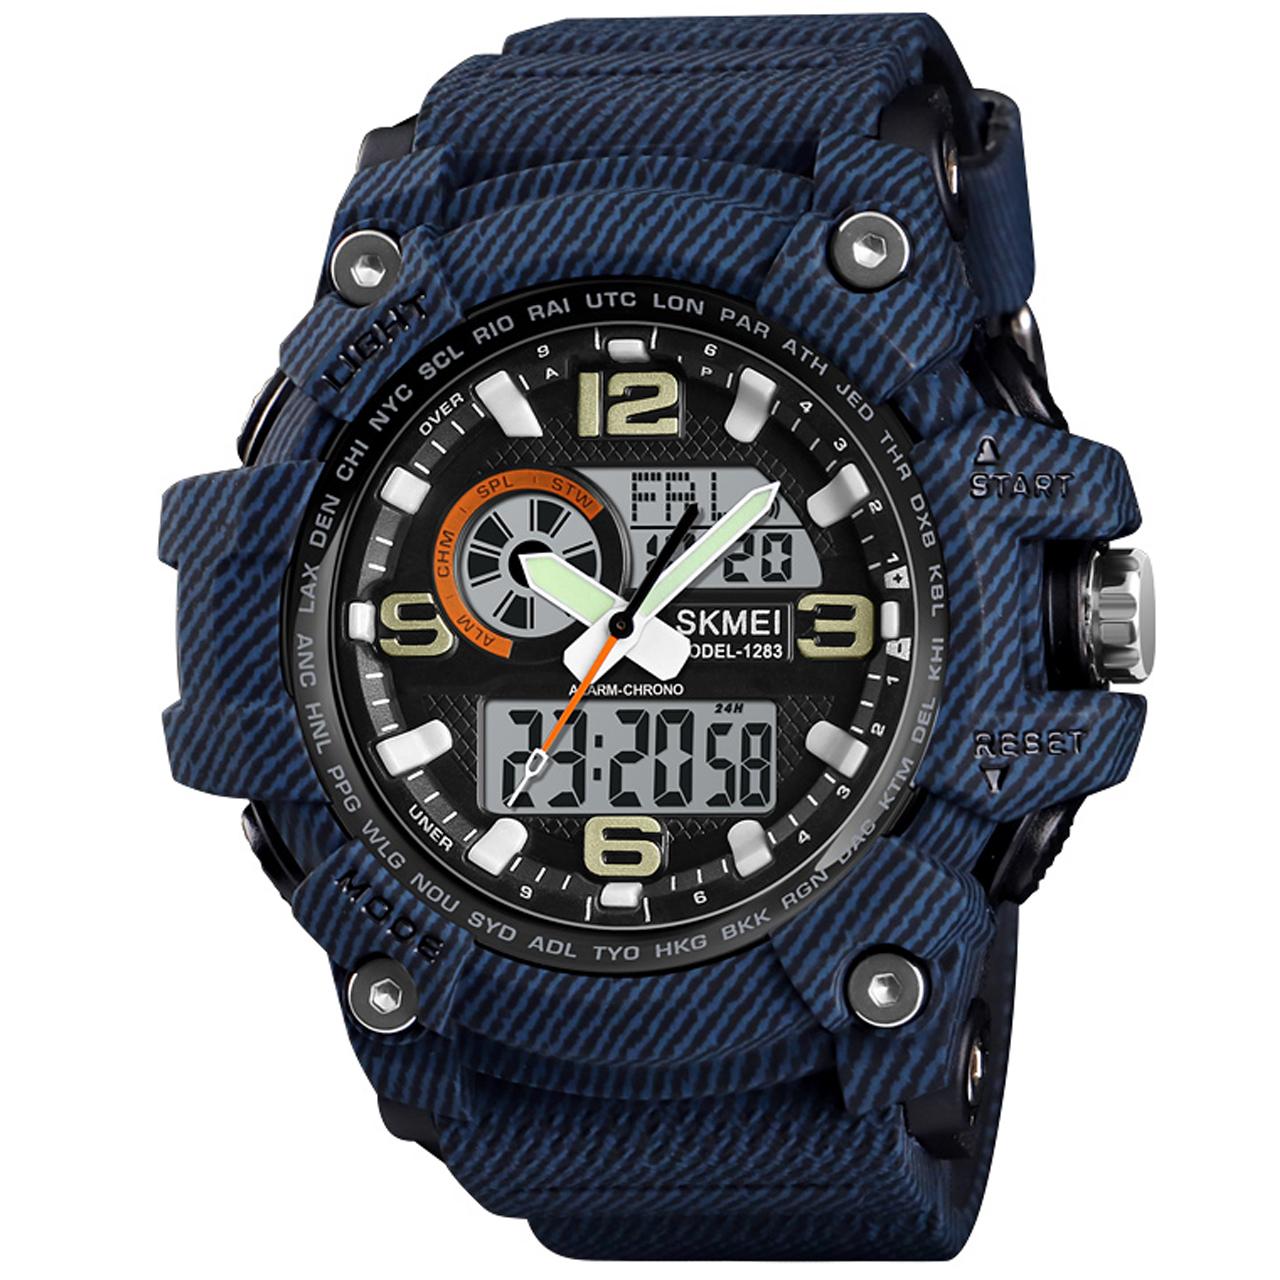 ساعت مچی  مردانه اسکمی مدل 1283Ad